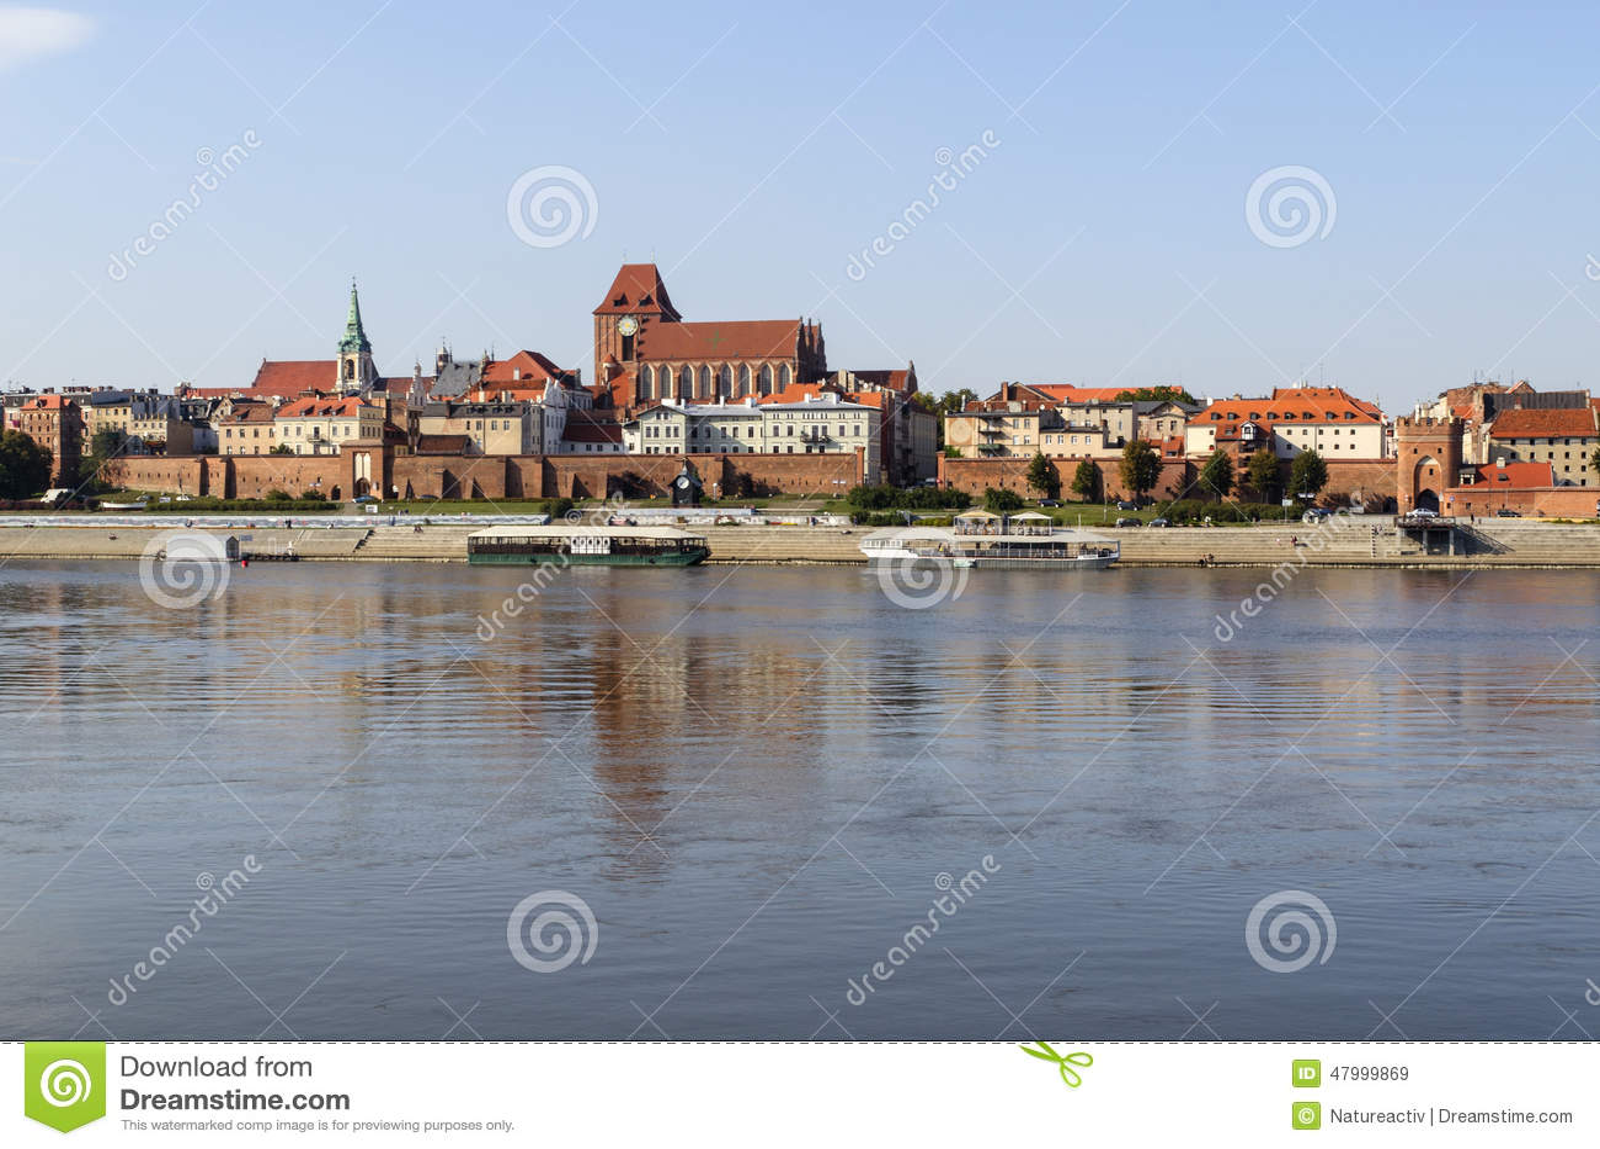 Torun in Poland